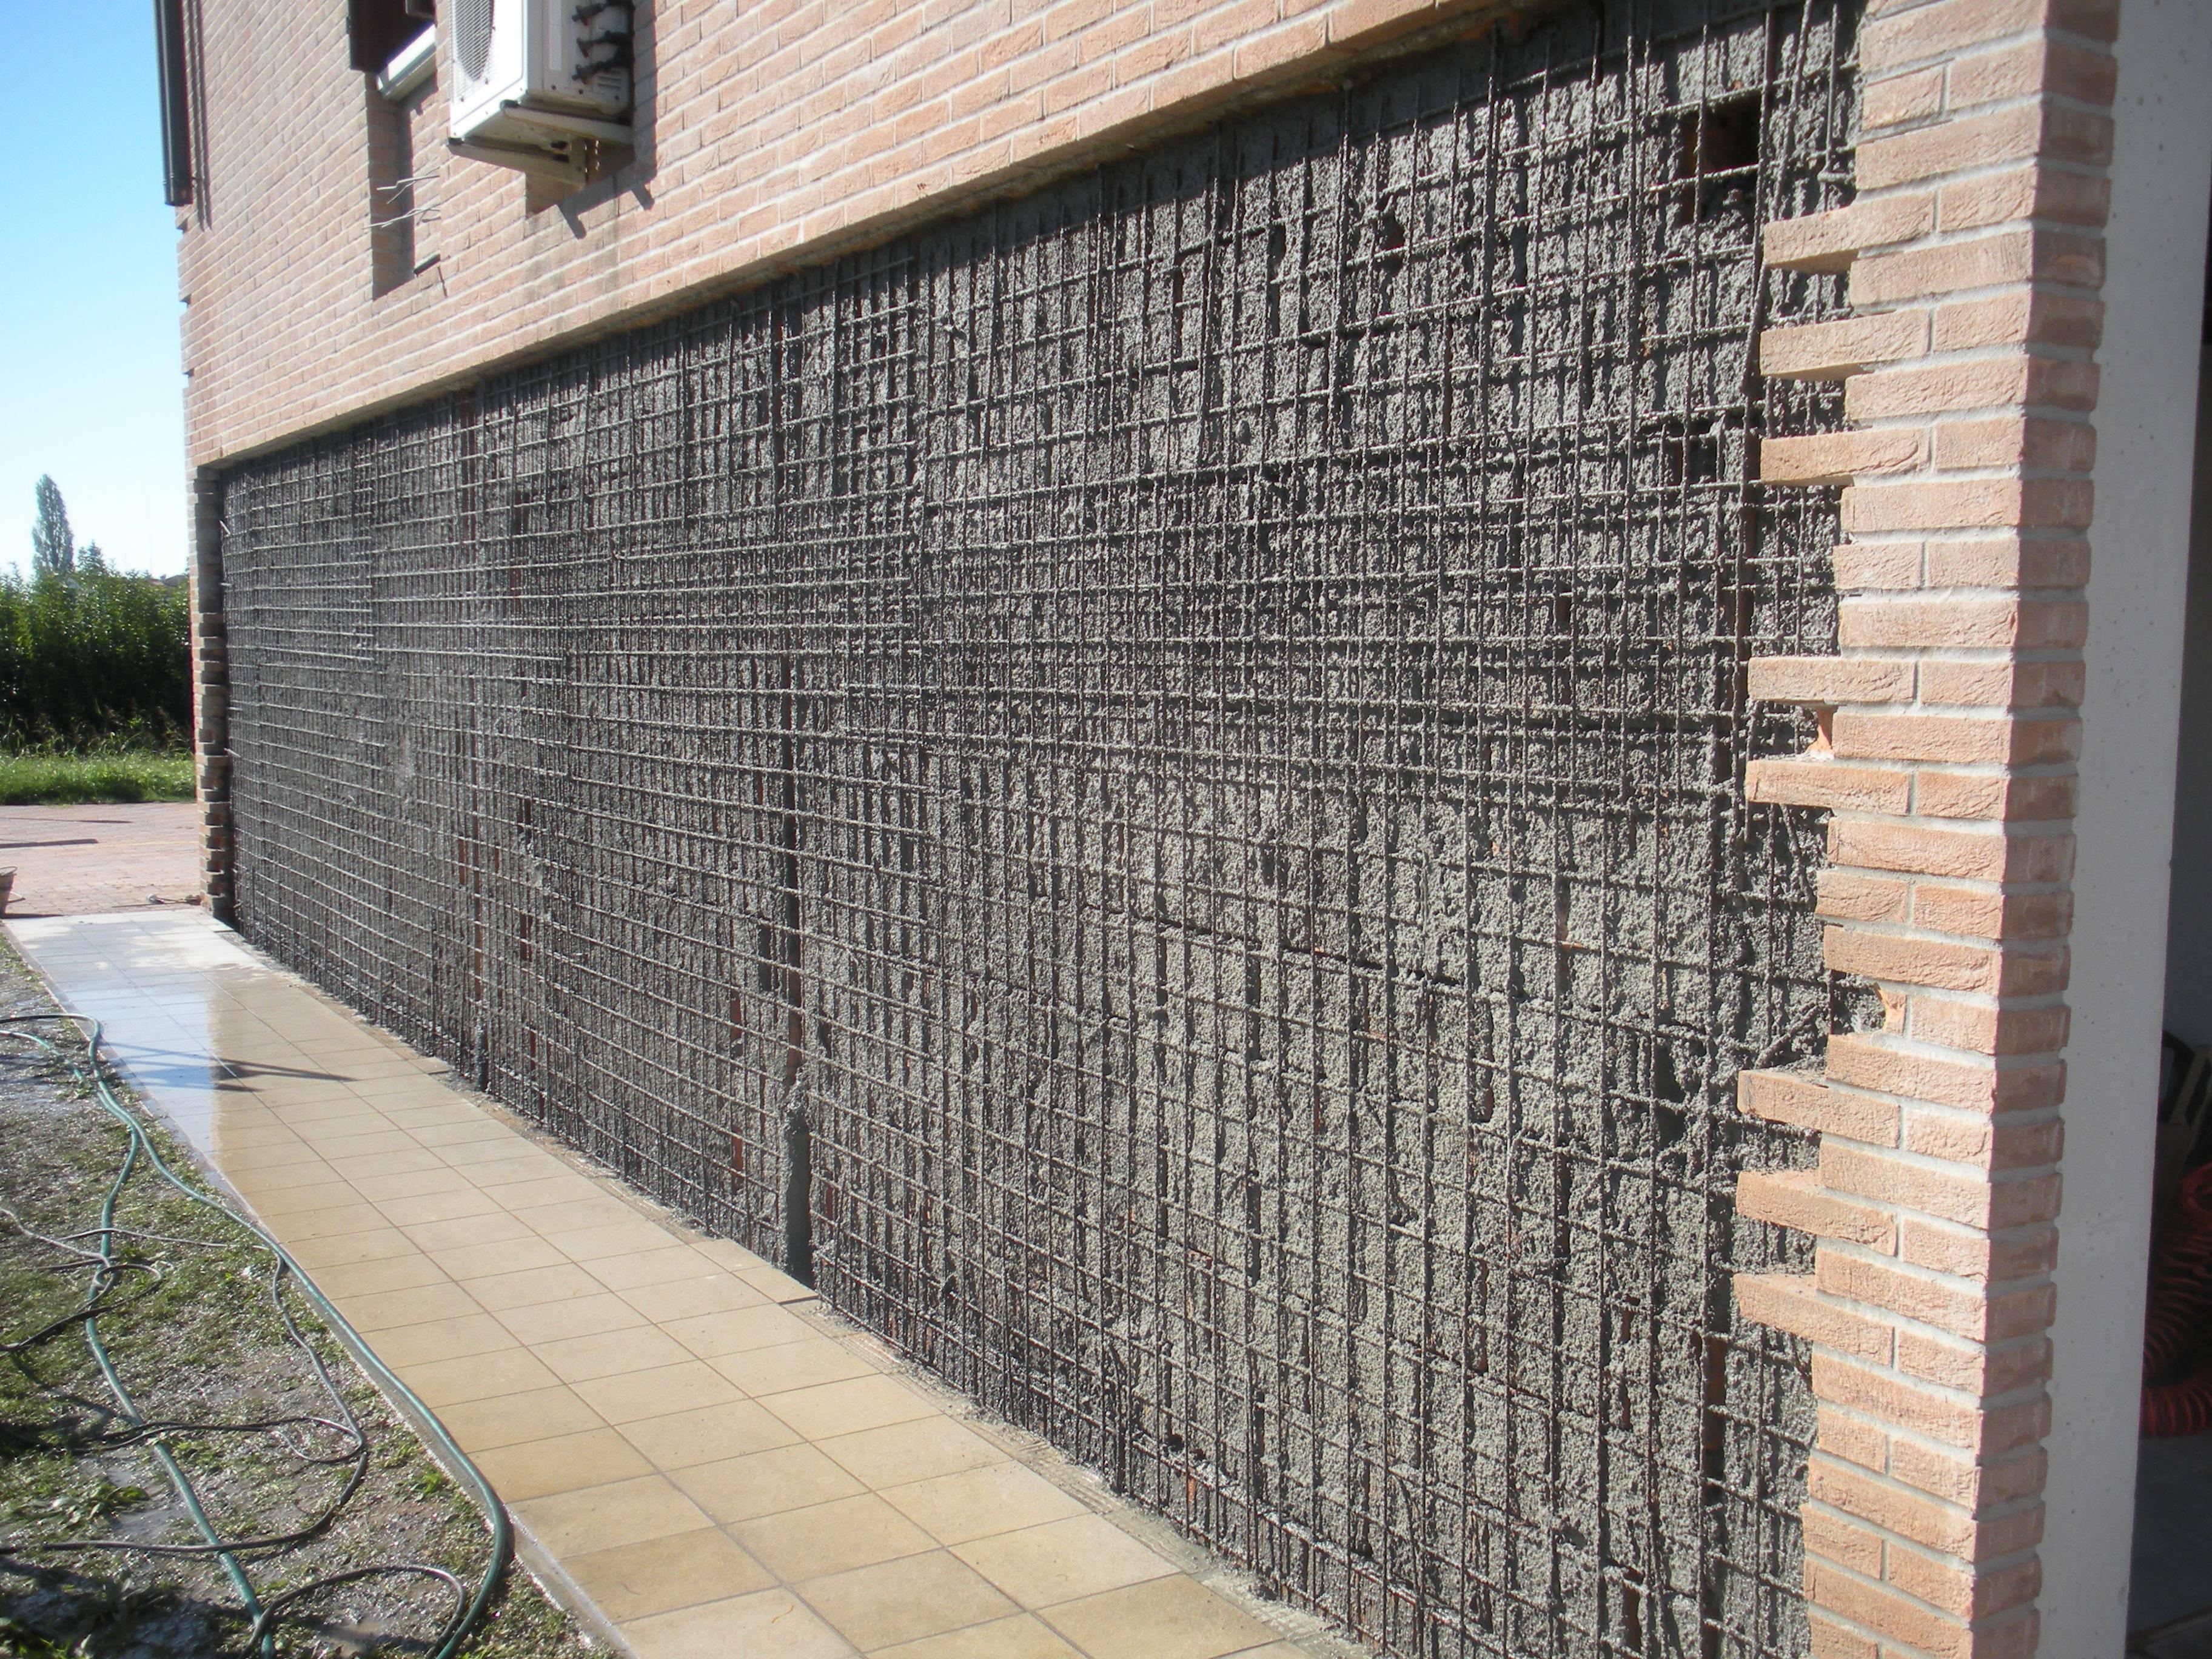 Rinforzo di pareti in poroton con intonaco fibro rinforzato armato con rete elettro saldata